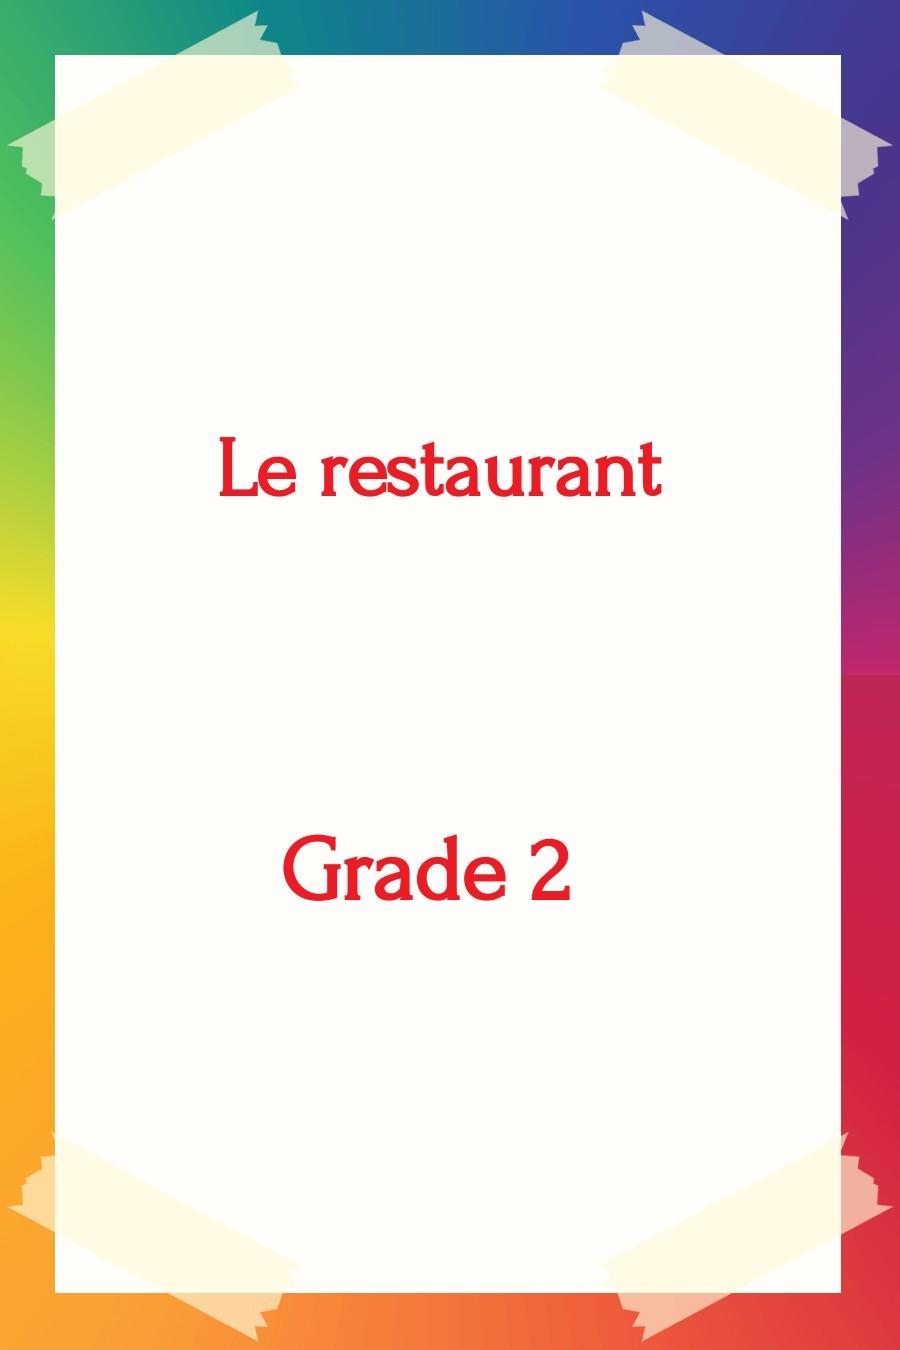 Gr. 2 Distance Learning Week # 11